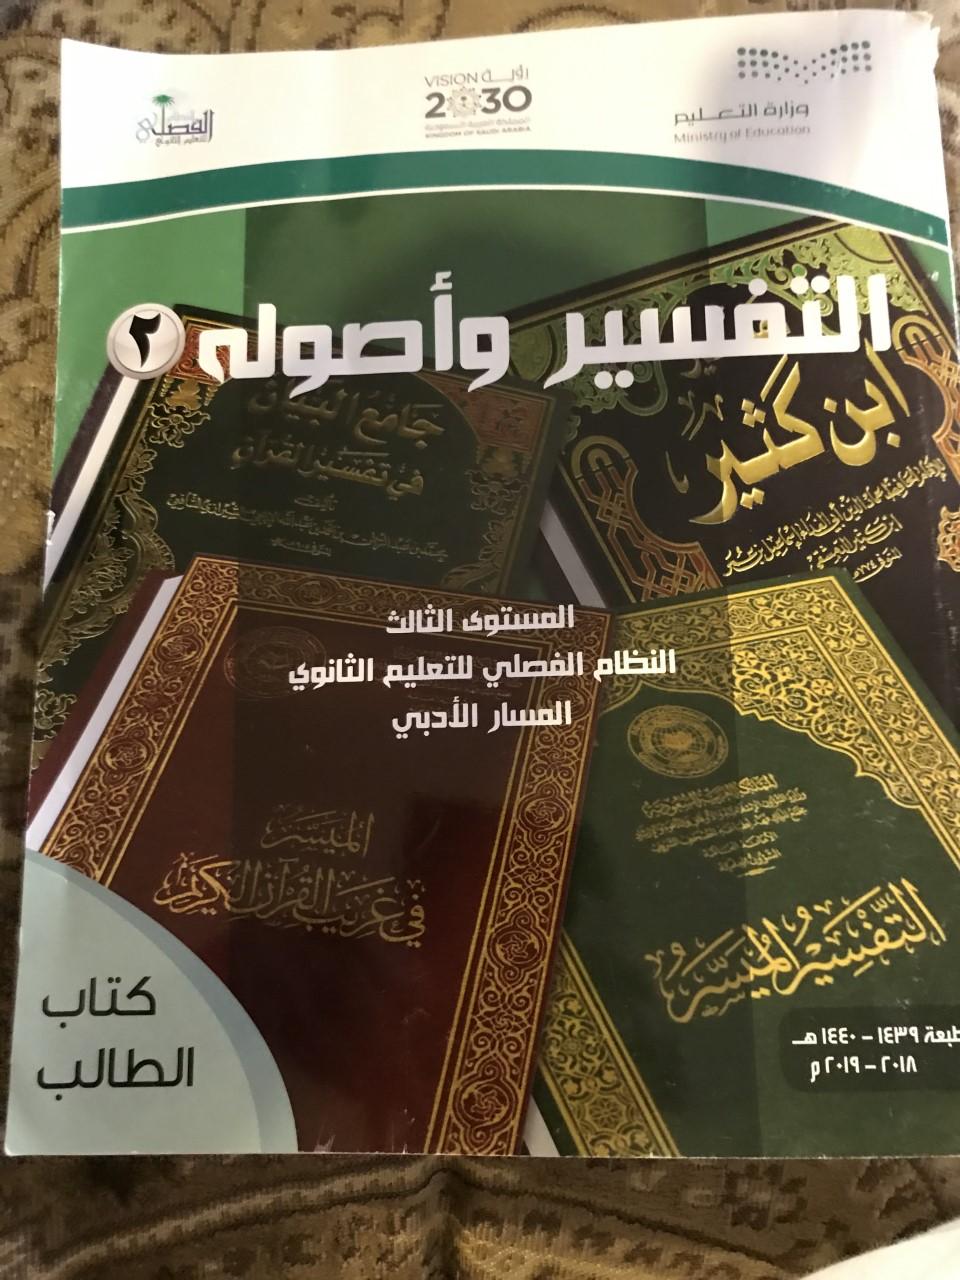 كتاب قراءة متأنية في بعض المناهج  الدراسية في المملكة العربية السعودية تأليف/ د. سهيلة زين العابدين حمّاد